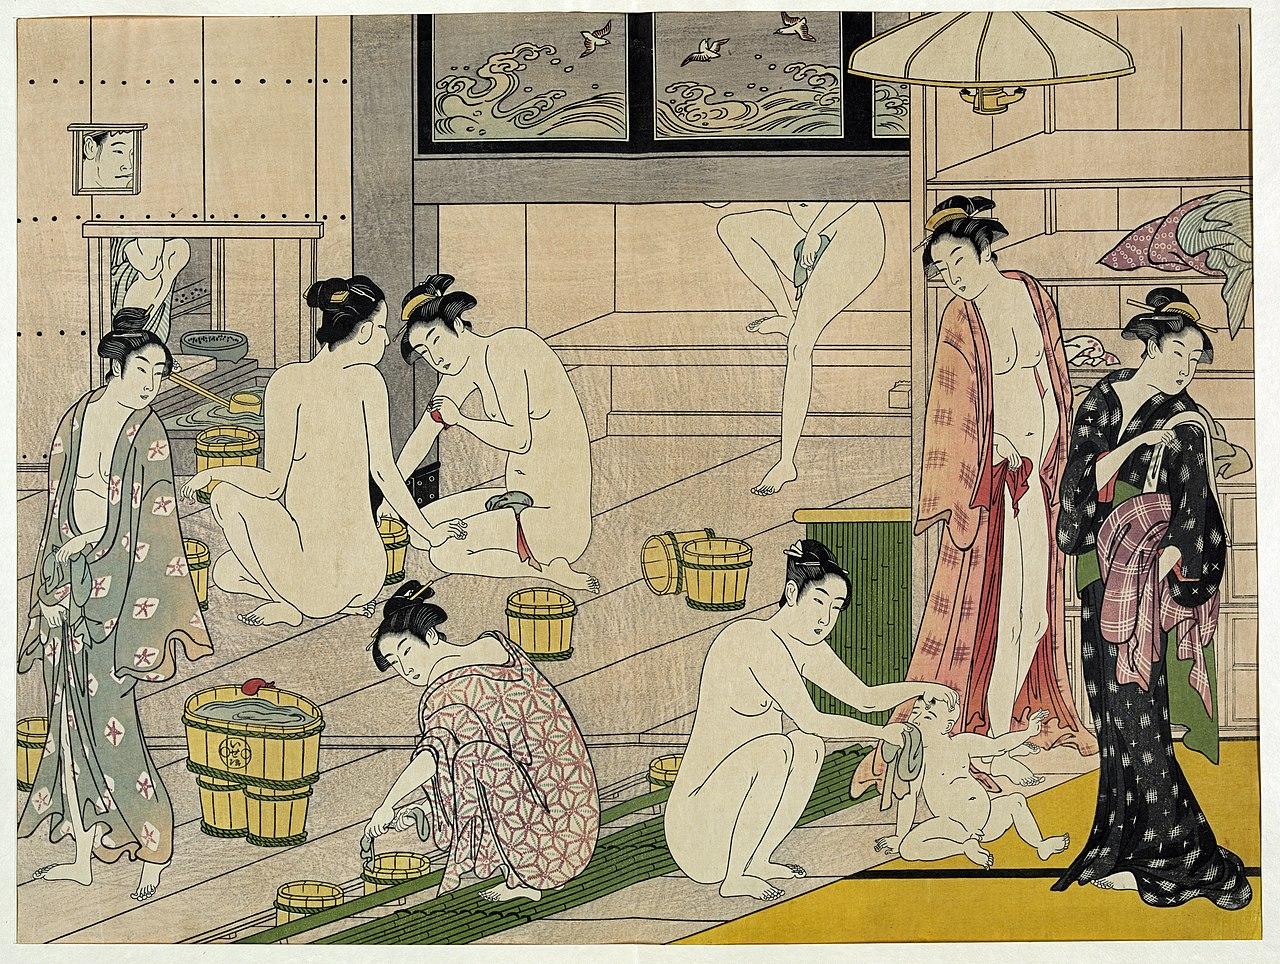 En el baño - Página 2 1280px-Kiyonaga_bathhouse_women-2